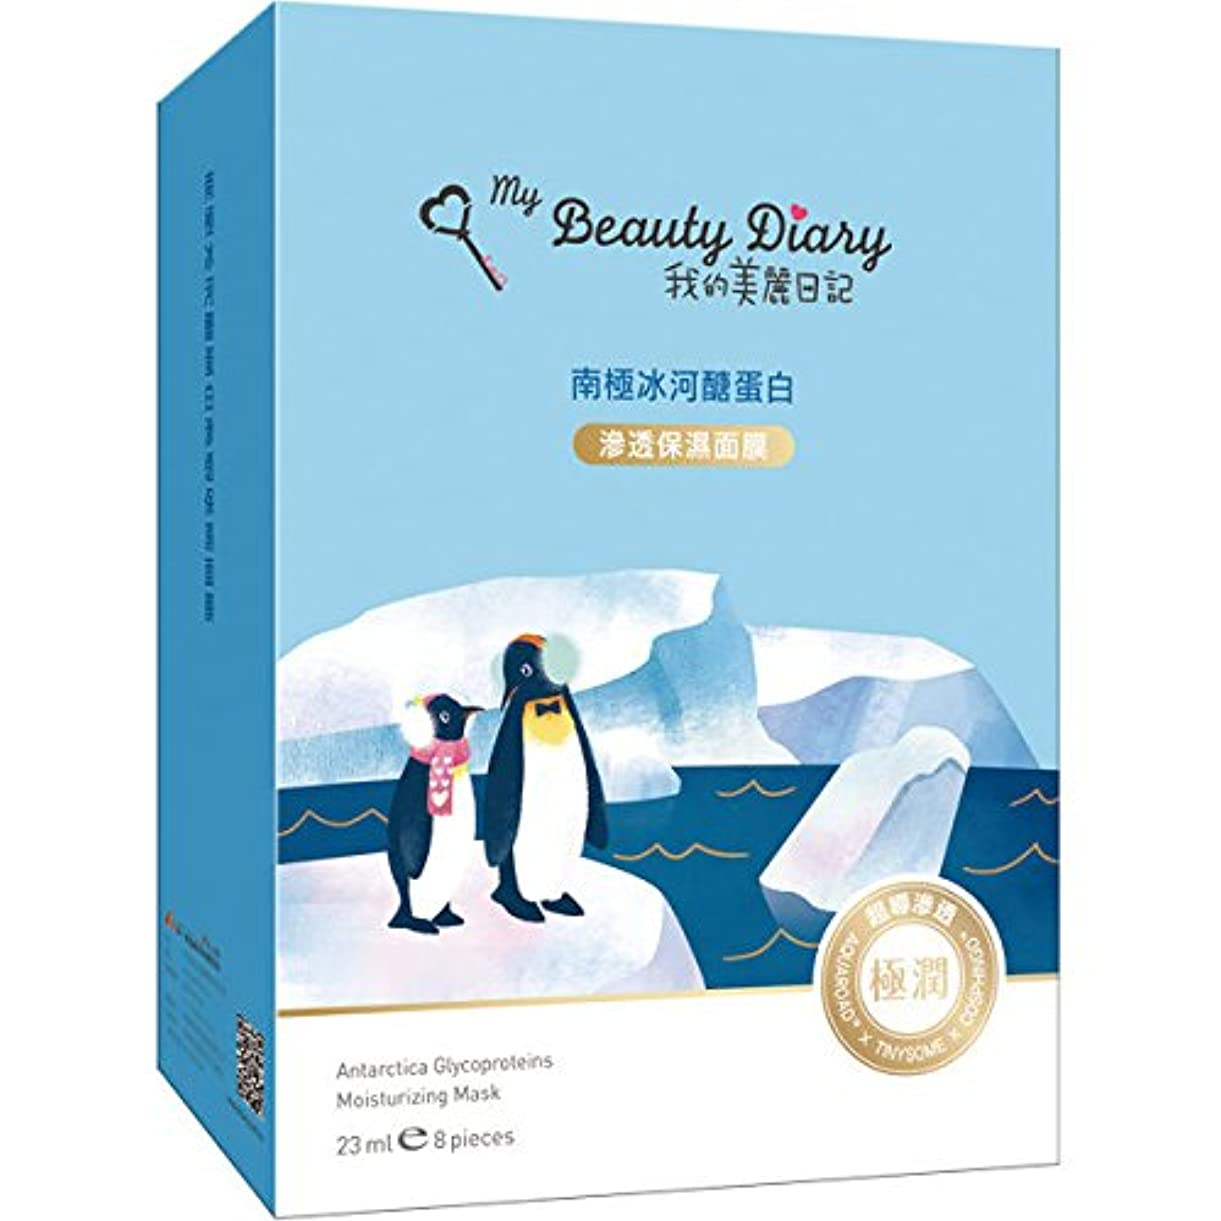 構造痛い男私のきれい日記 我的美麗日記 氷河プロテイン 8枚入り 【2016】